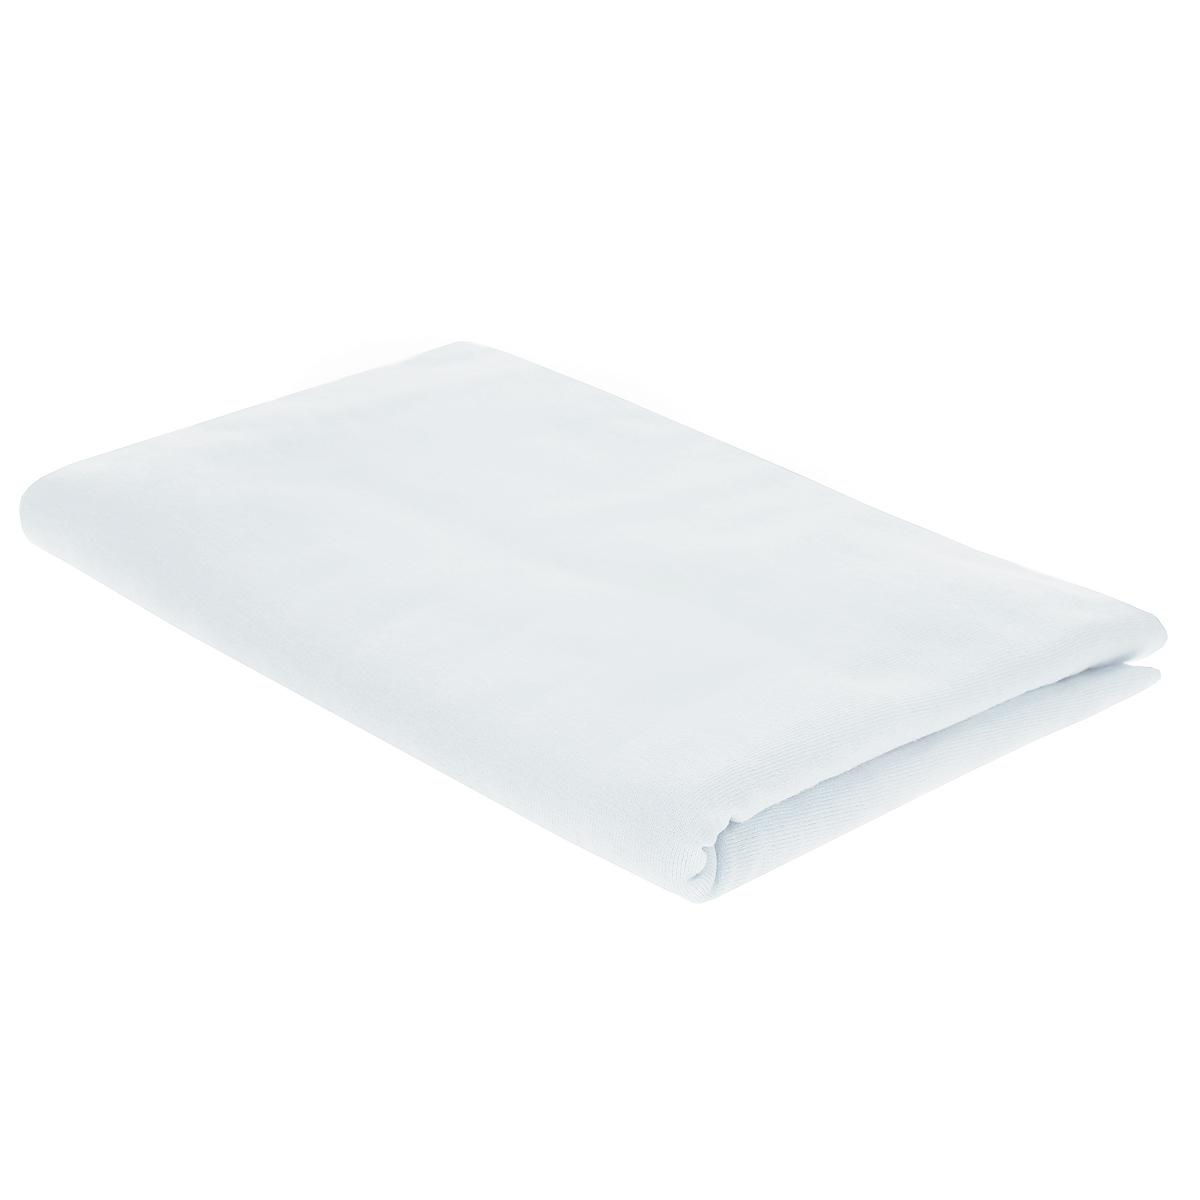 Пеленка трикотажная Трон-Плюс, цвет: белый, 120 см х 90 см1135Детская пеленка Трон-Плюс подходит для пеленания ребенка с самого рождения. Она невероятно мягкая и нежная на ощупь. Пеленка выполнена из кулирки - тонкого трикотажного материала из хлопка гладкого покроя. Такая ткань прекрасно дышит, она гипоаллергенна, почти не мнется и не теряет формы после стирки. Мягкая ткань укутывает малыша с необычайной нежностью. Пеленку также можно использовать как легкое одеяло в жаркую погоду, простынку, полотенце после купания, накидку для кормления грудью или солнцезащитный козырек. Ее размер подходит для пеленания даже крупного малыша. Характеристики:Размер пеленки: 120 см x 90 см.